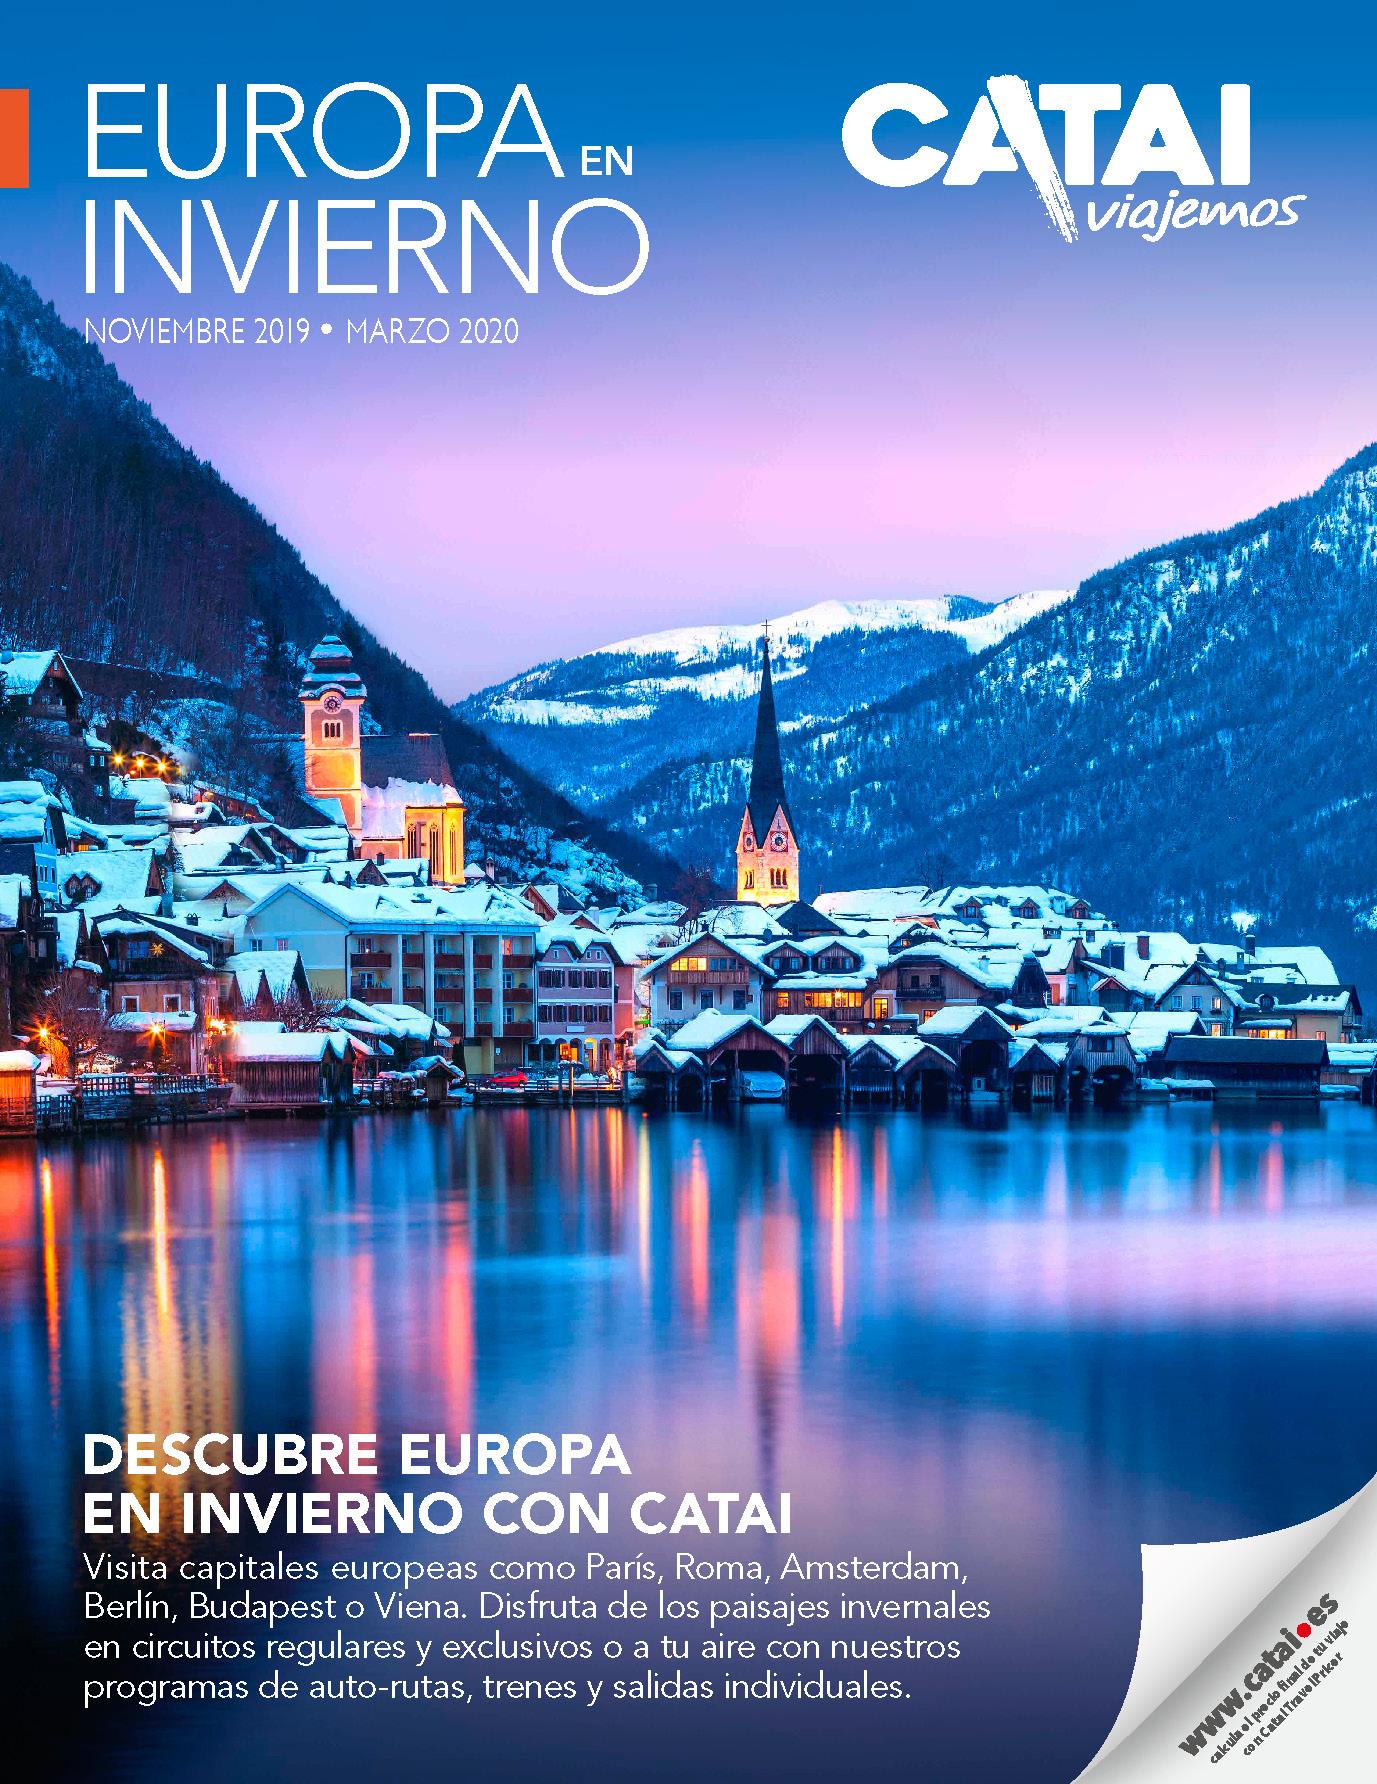 Catalogo Catai Europa Invierno 2019-2020